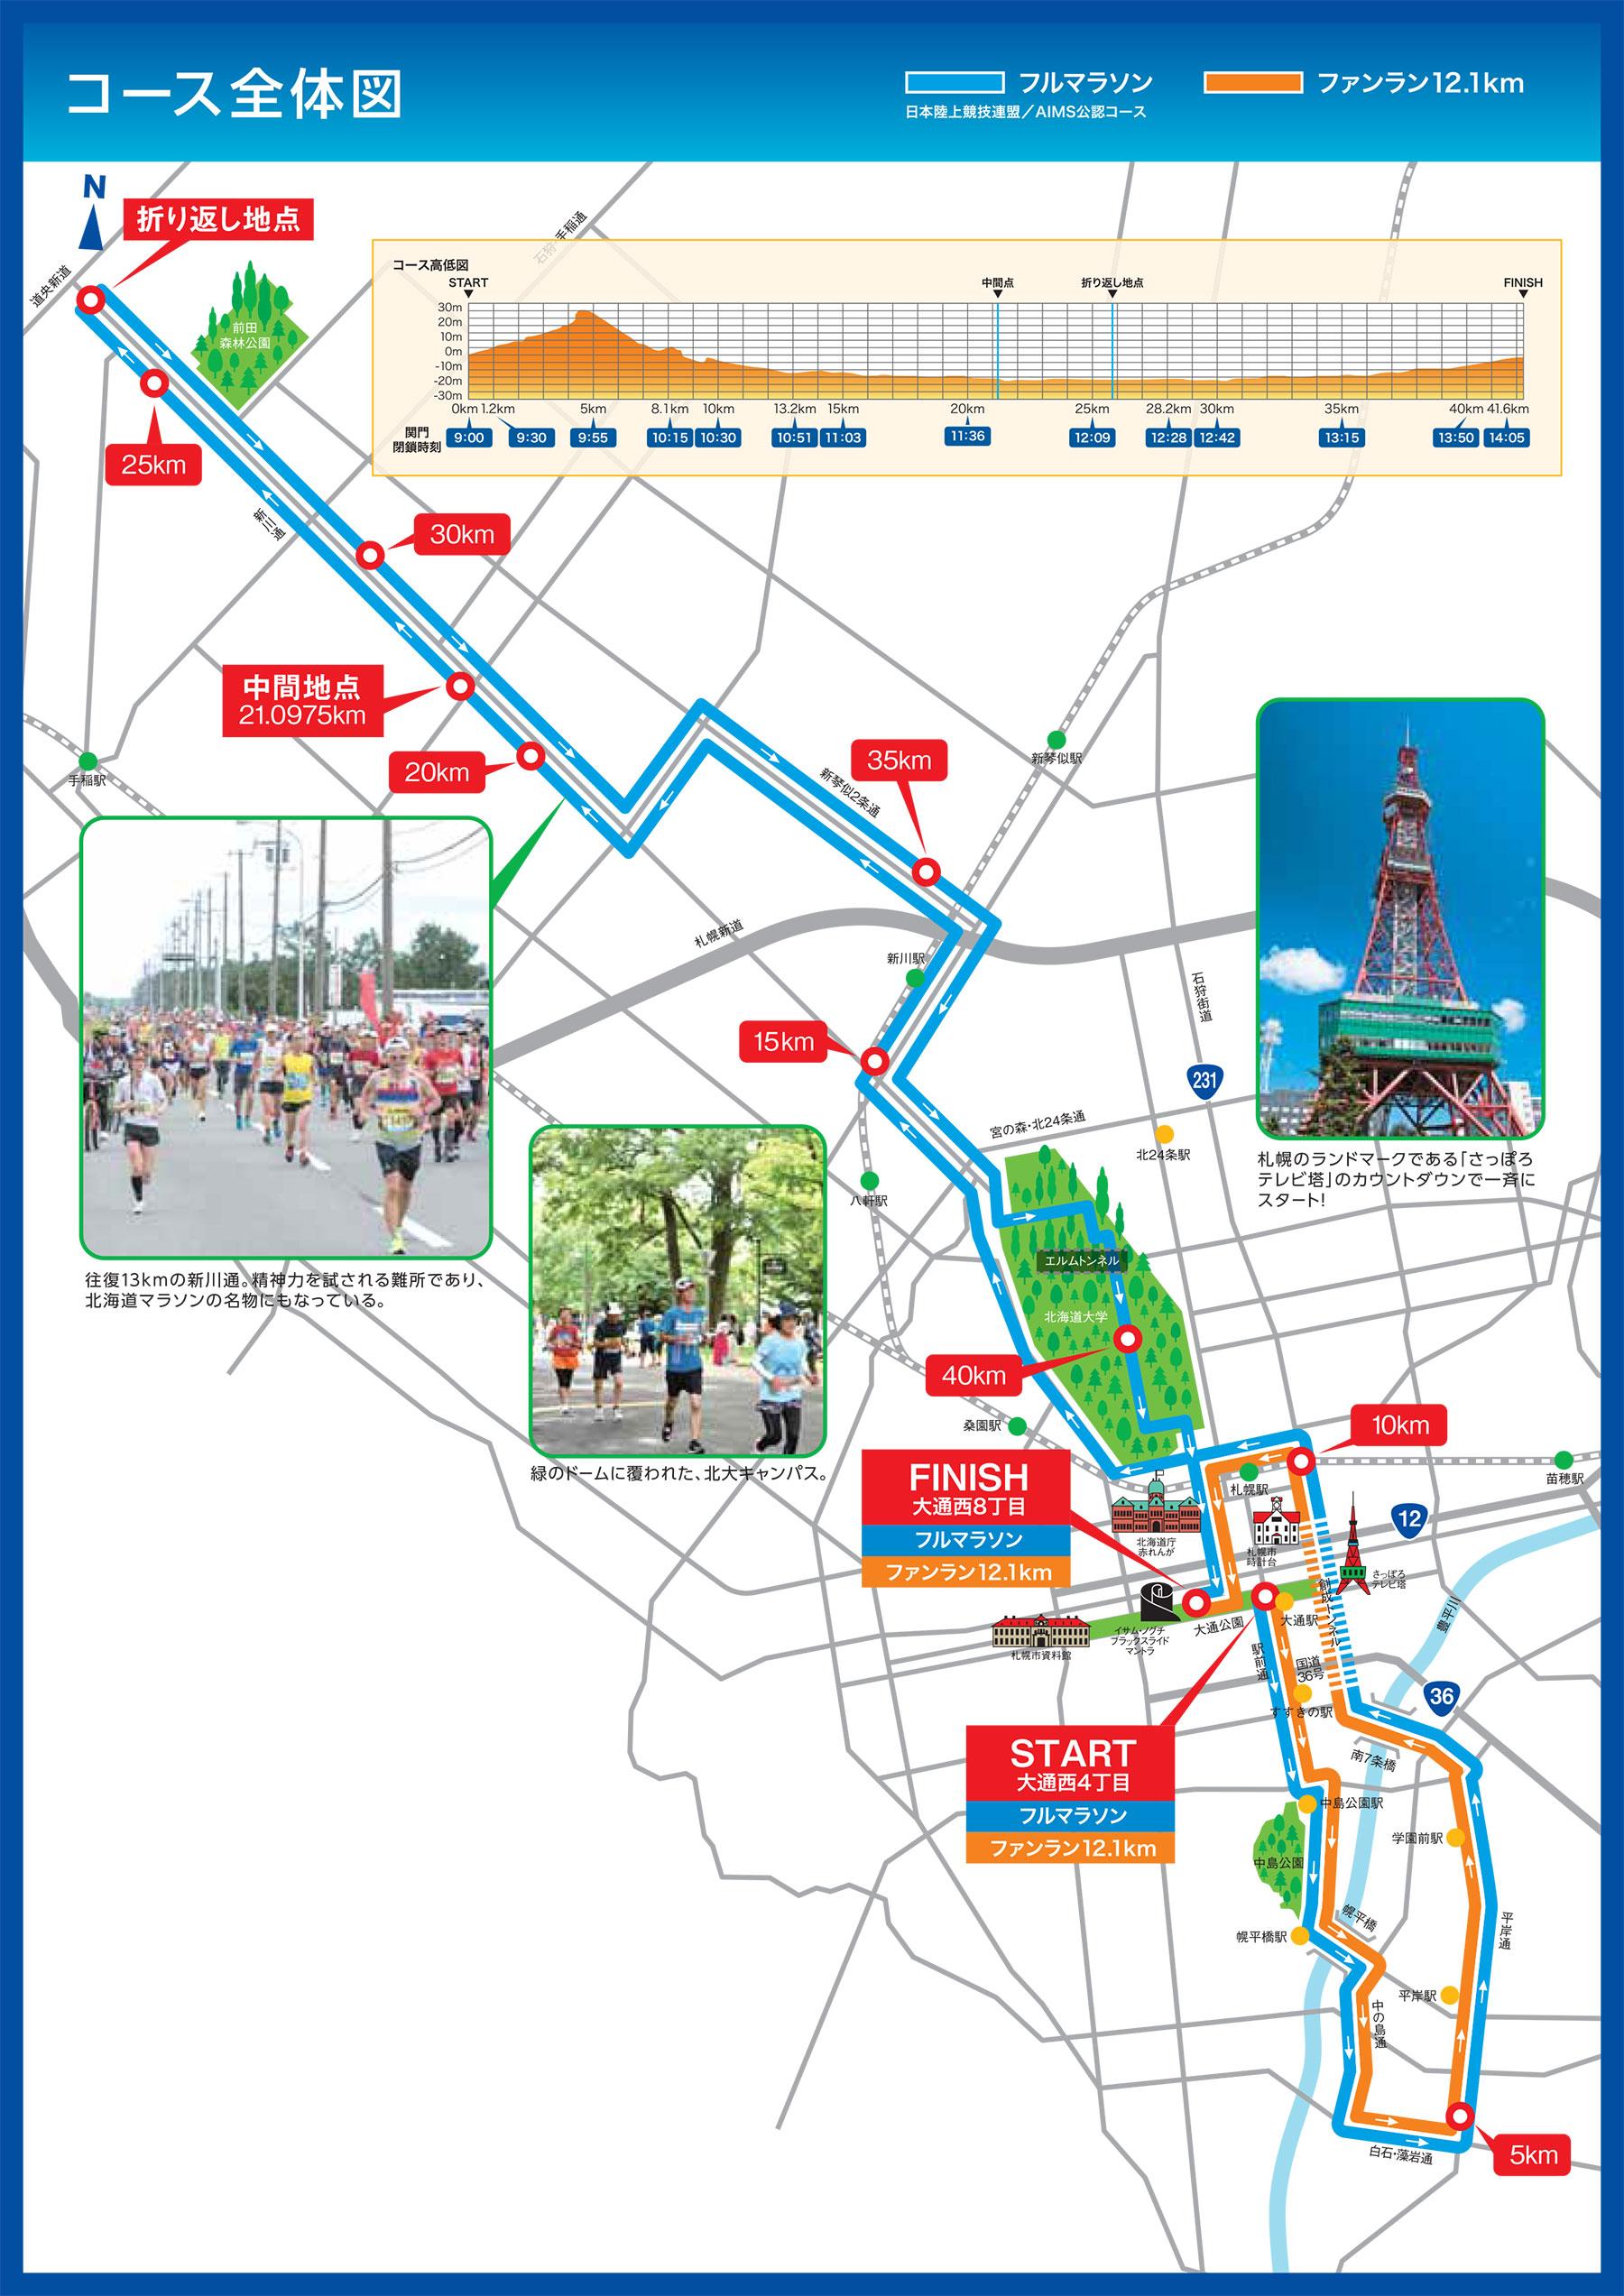 北海道マラソンコース全体図